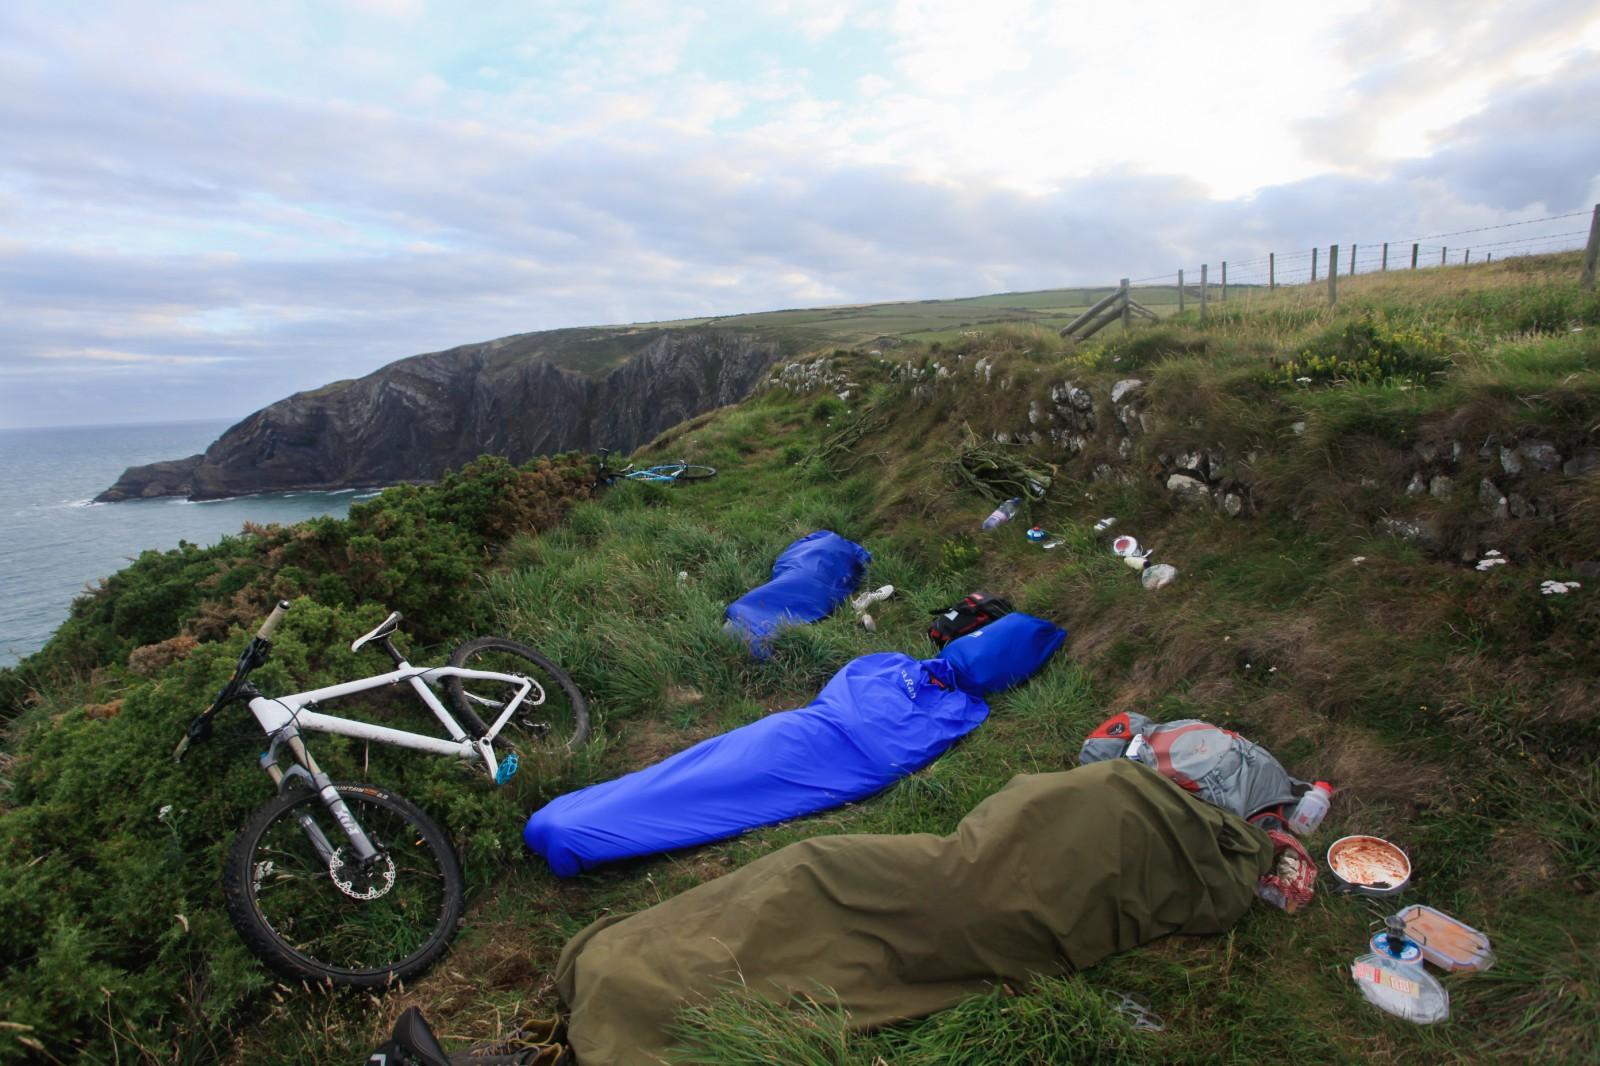 bivvy microadventure cliffs pembrokeshire bike | 1600 x 1066 jpeg 358kB